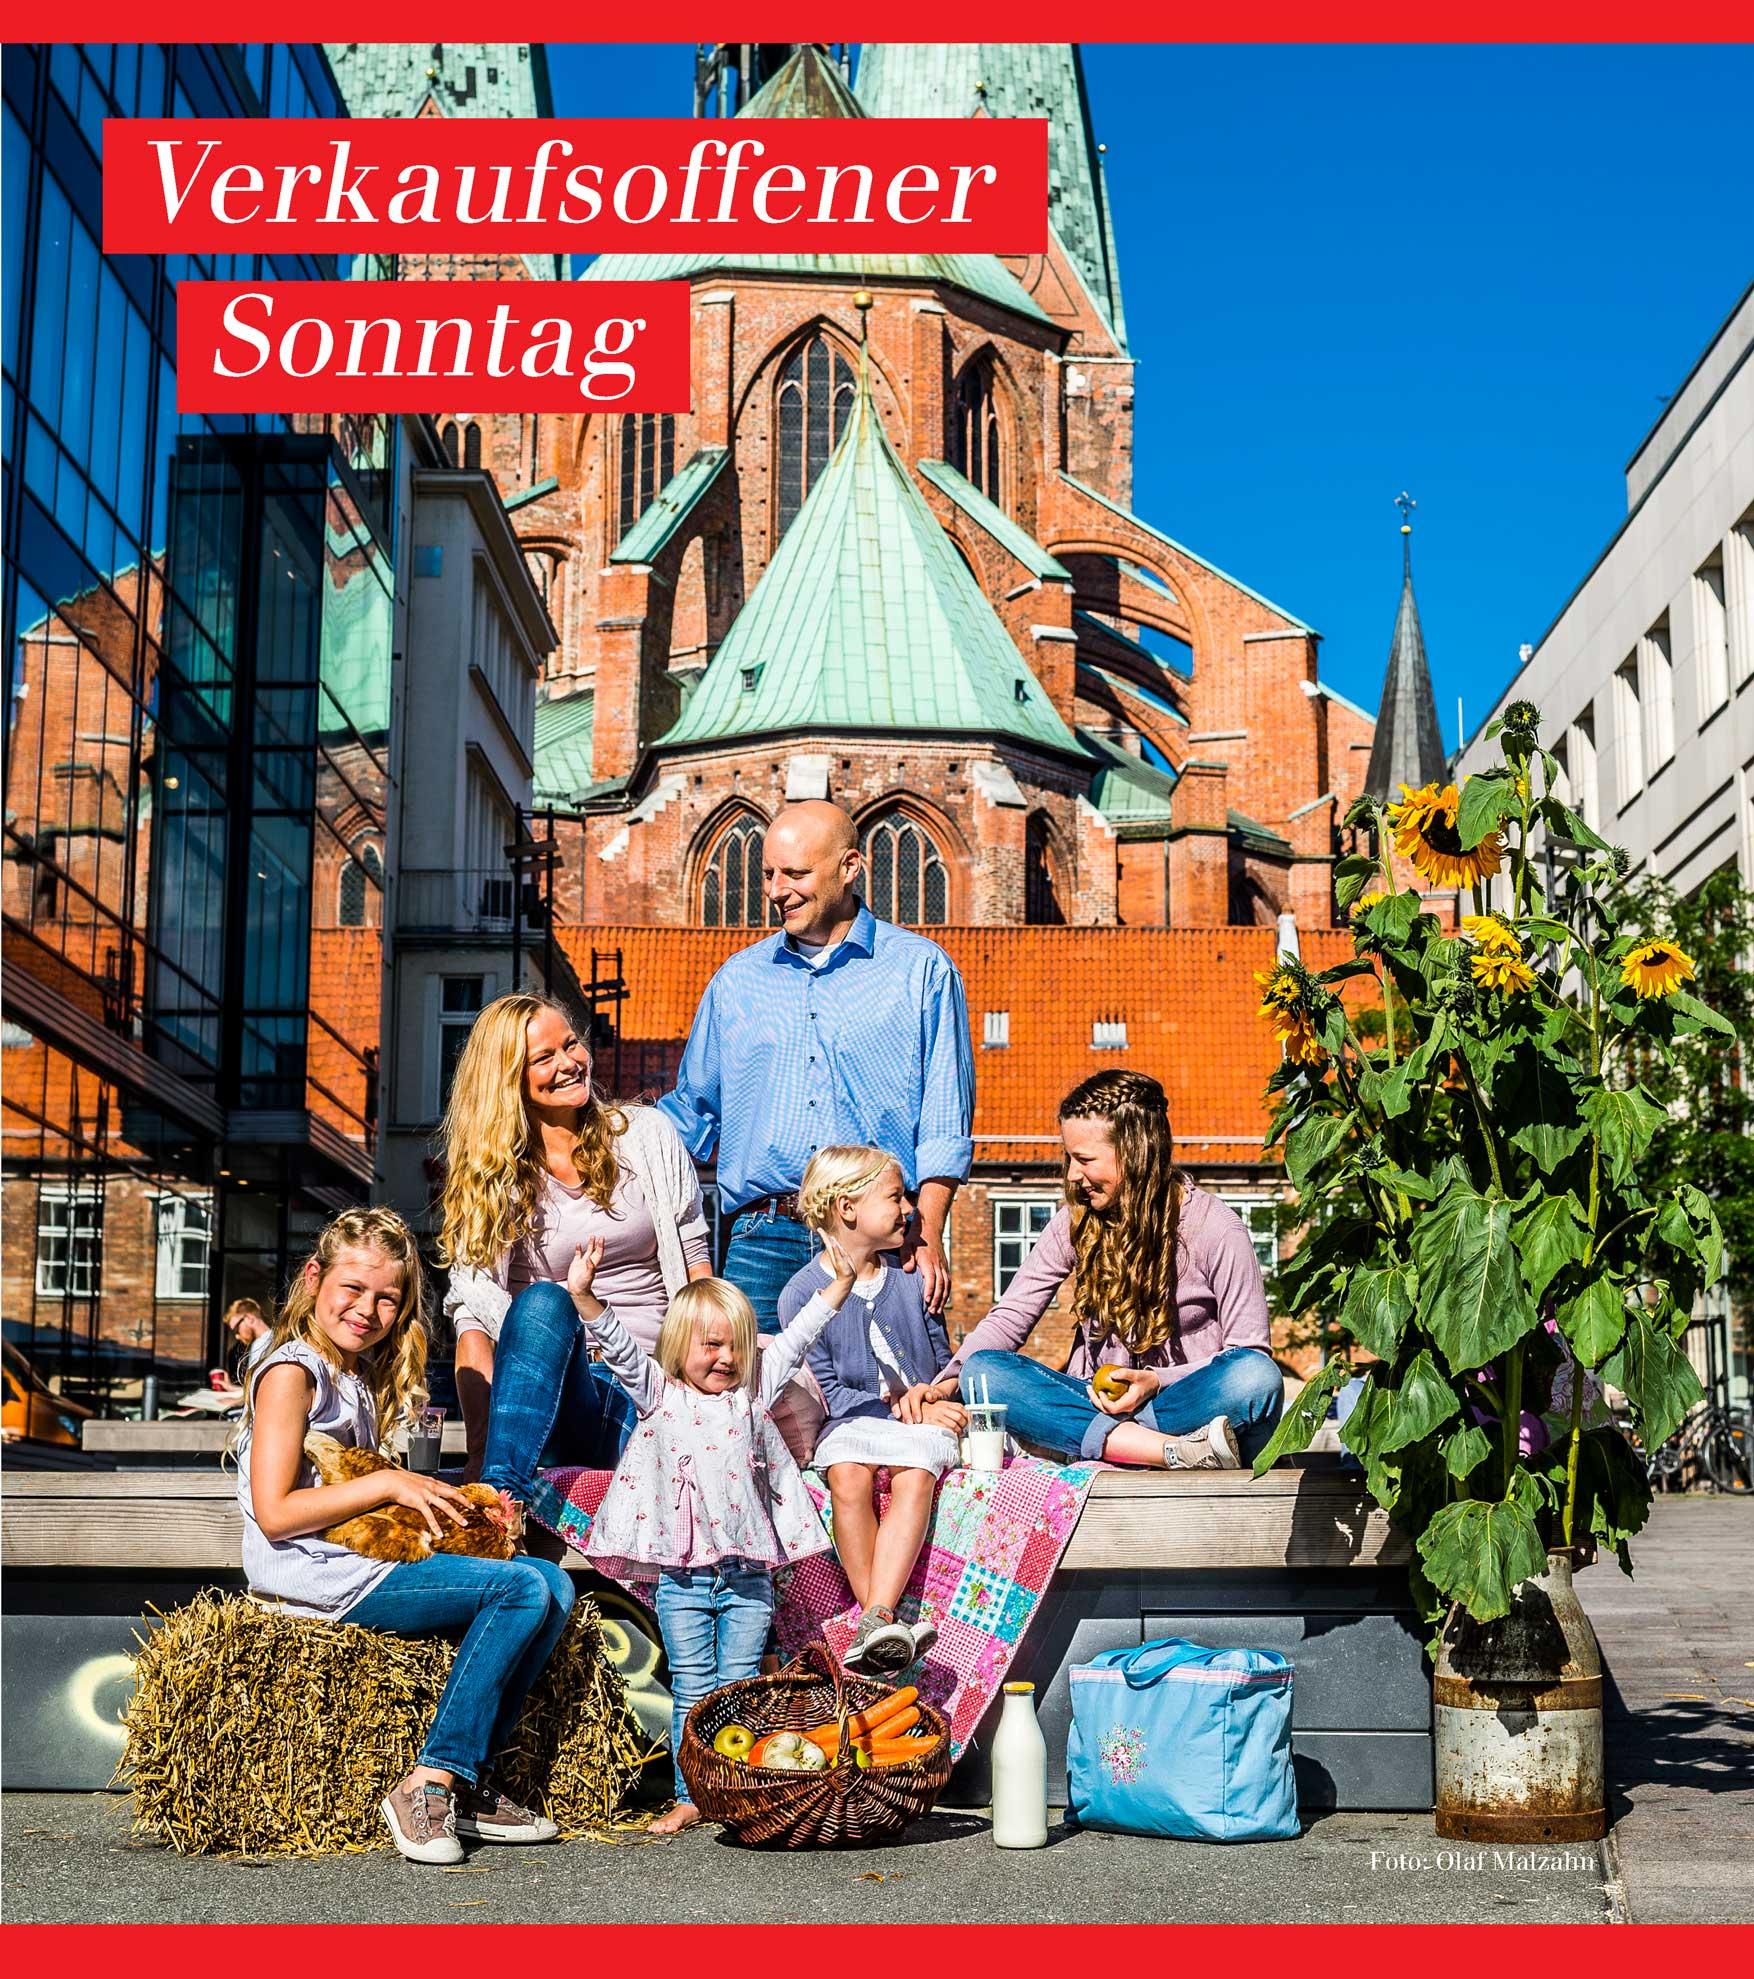 Verkaufsoffener Sonntag In Lubeck Am 7 Oktober 2018 Unter Dem Motto